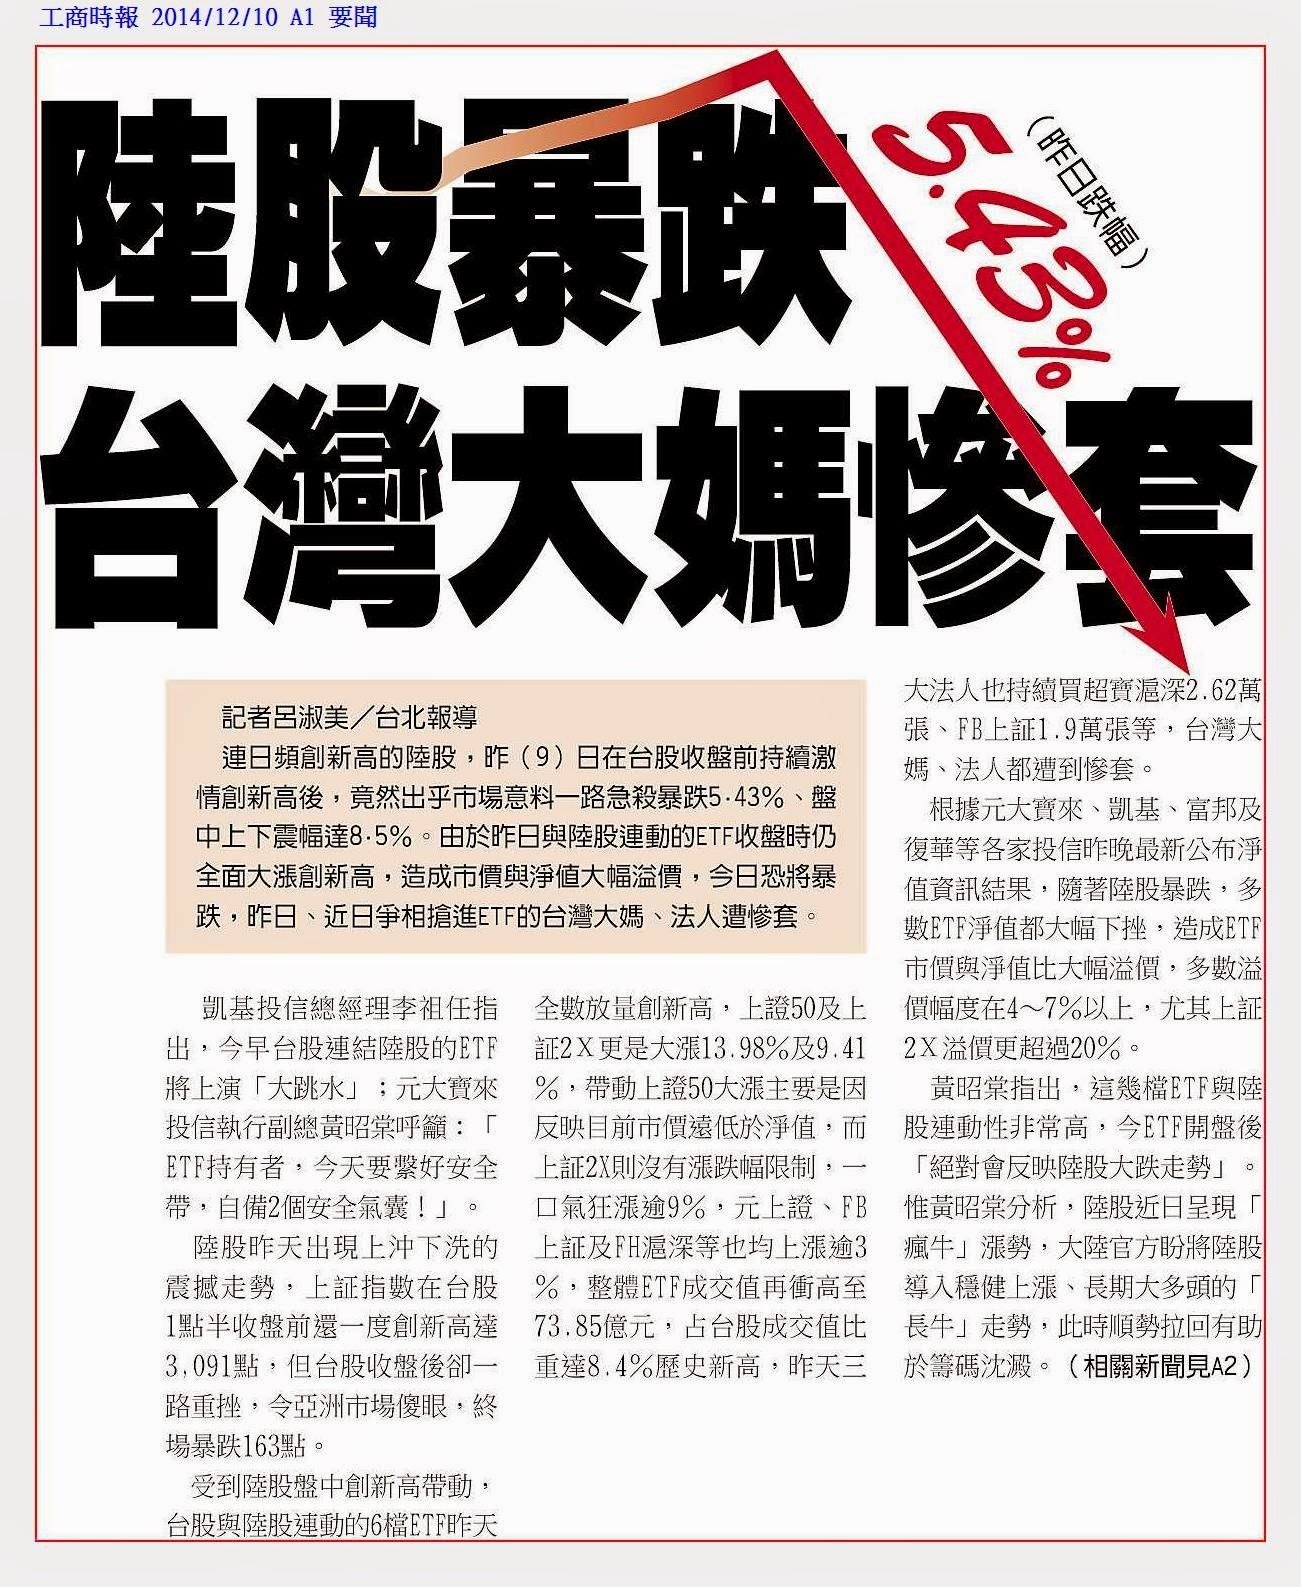 輕易豐盛學苑: Jamie精選工商時報20141210財經新聞